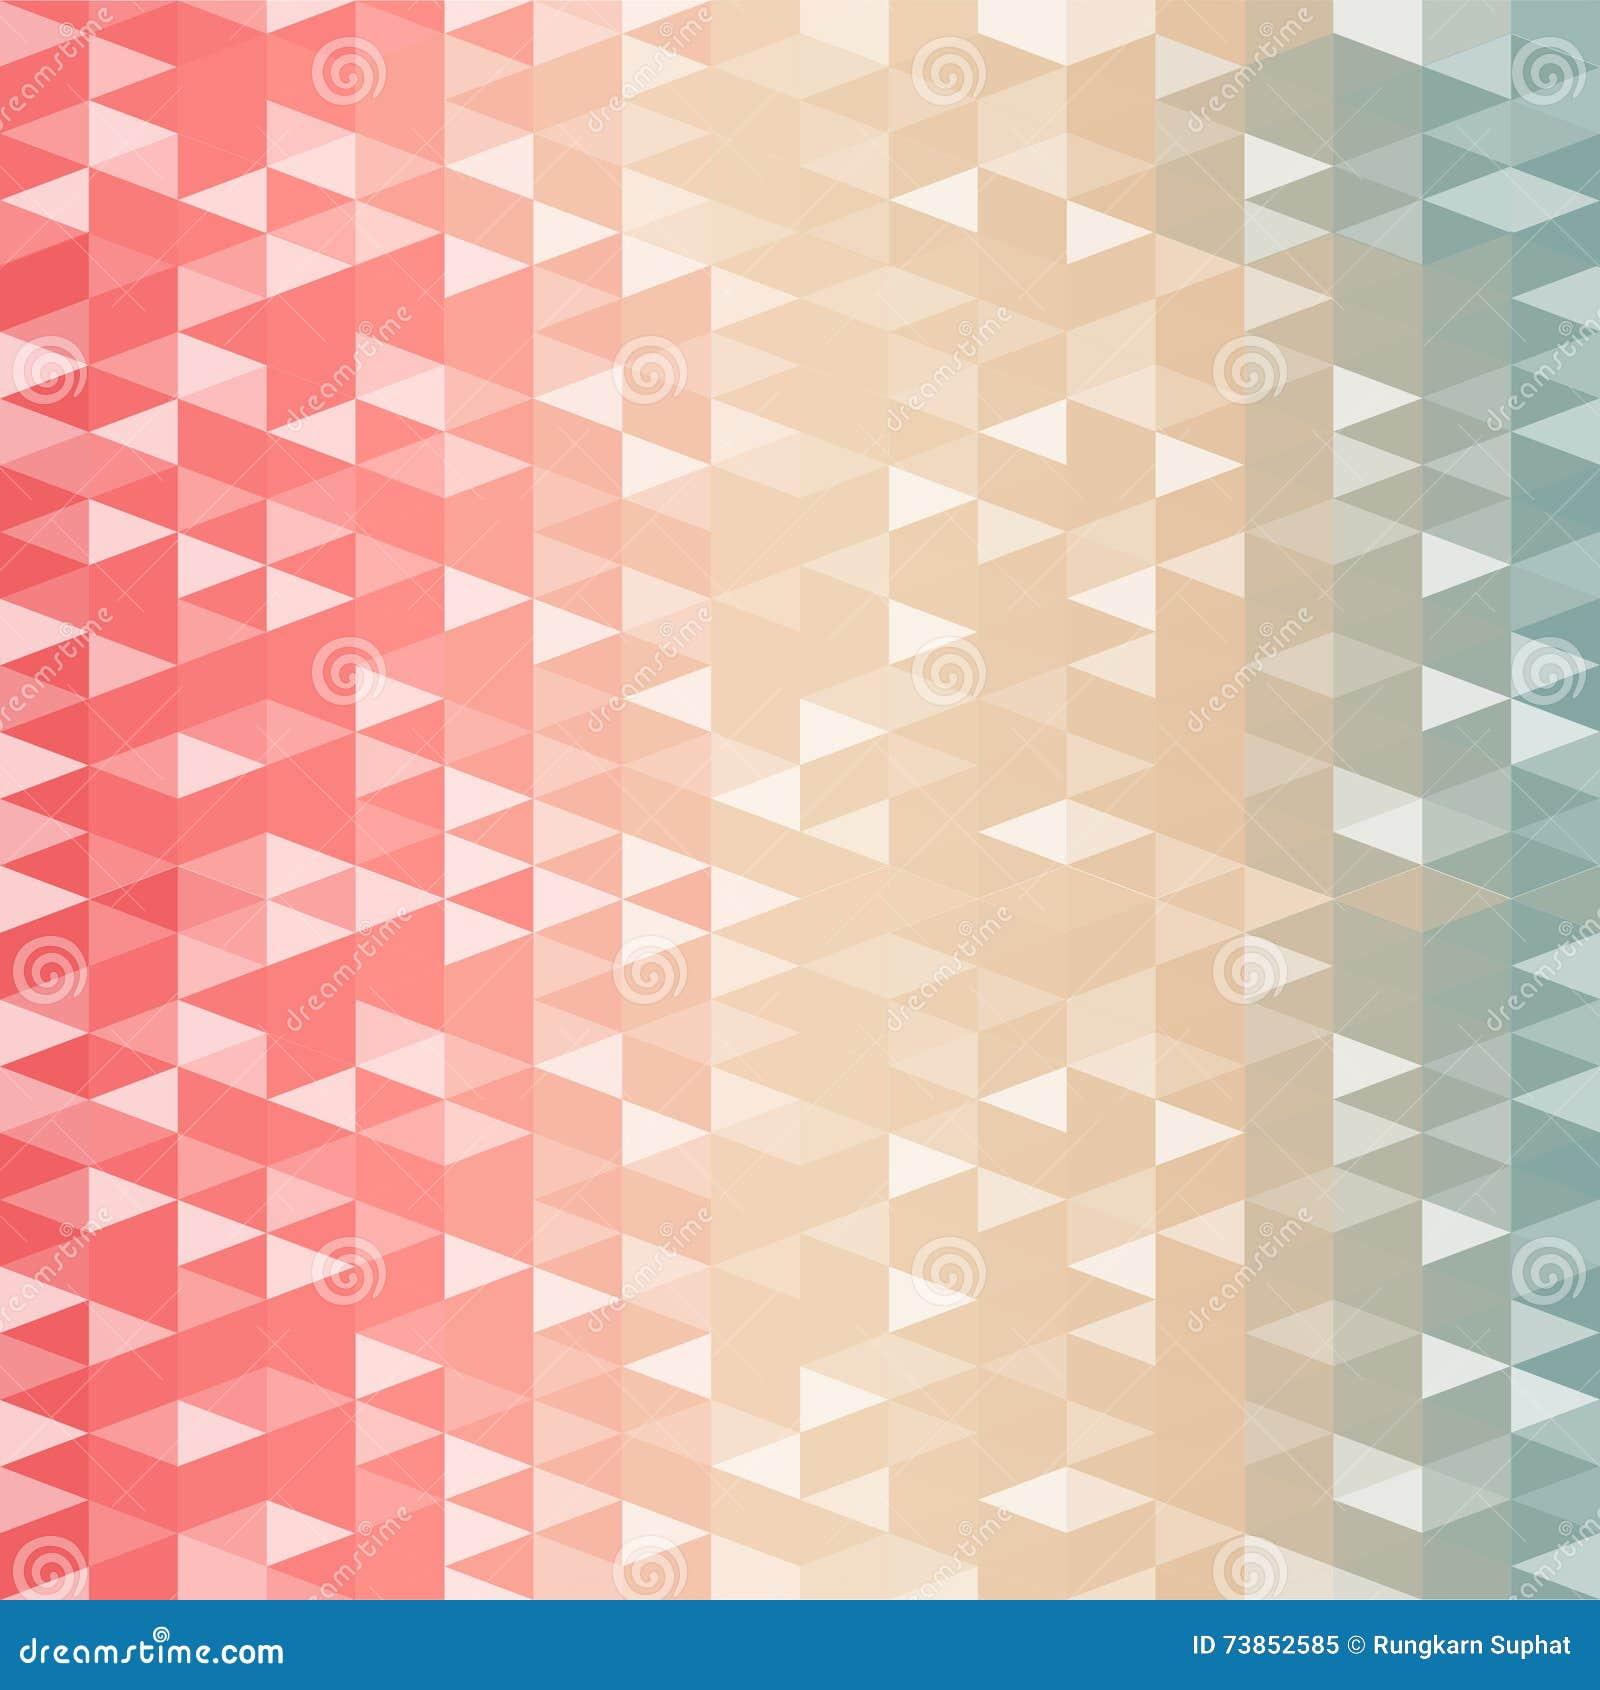 Retro patroon van geometrische vormen